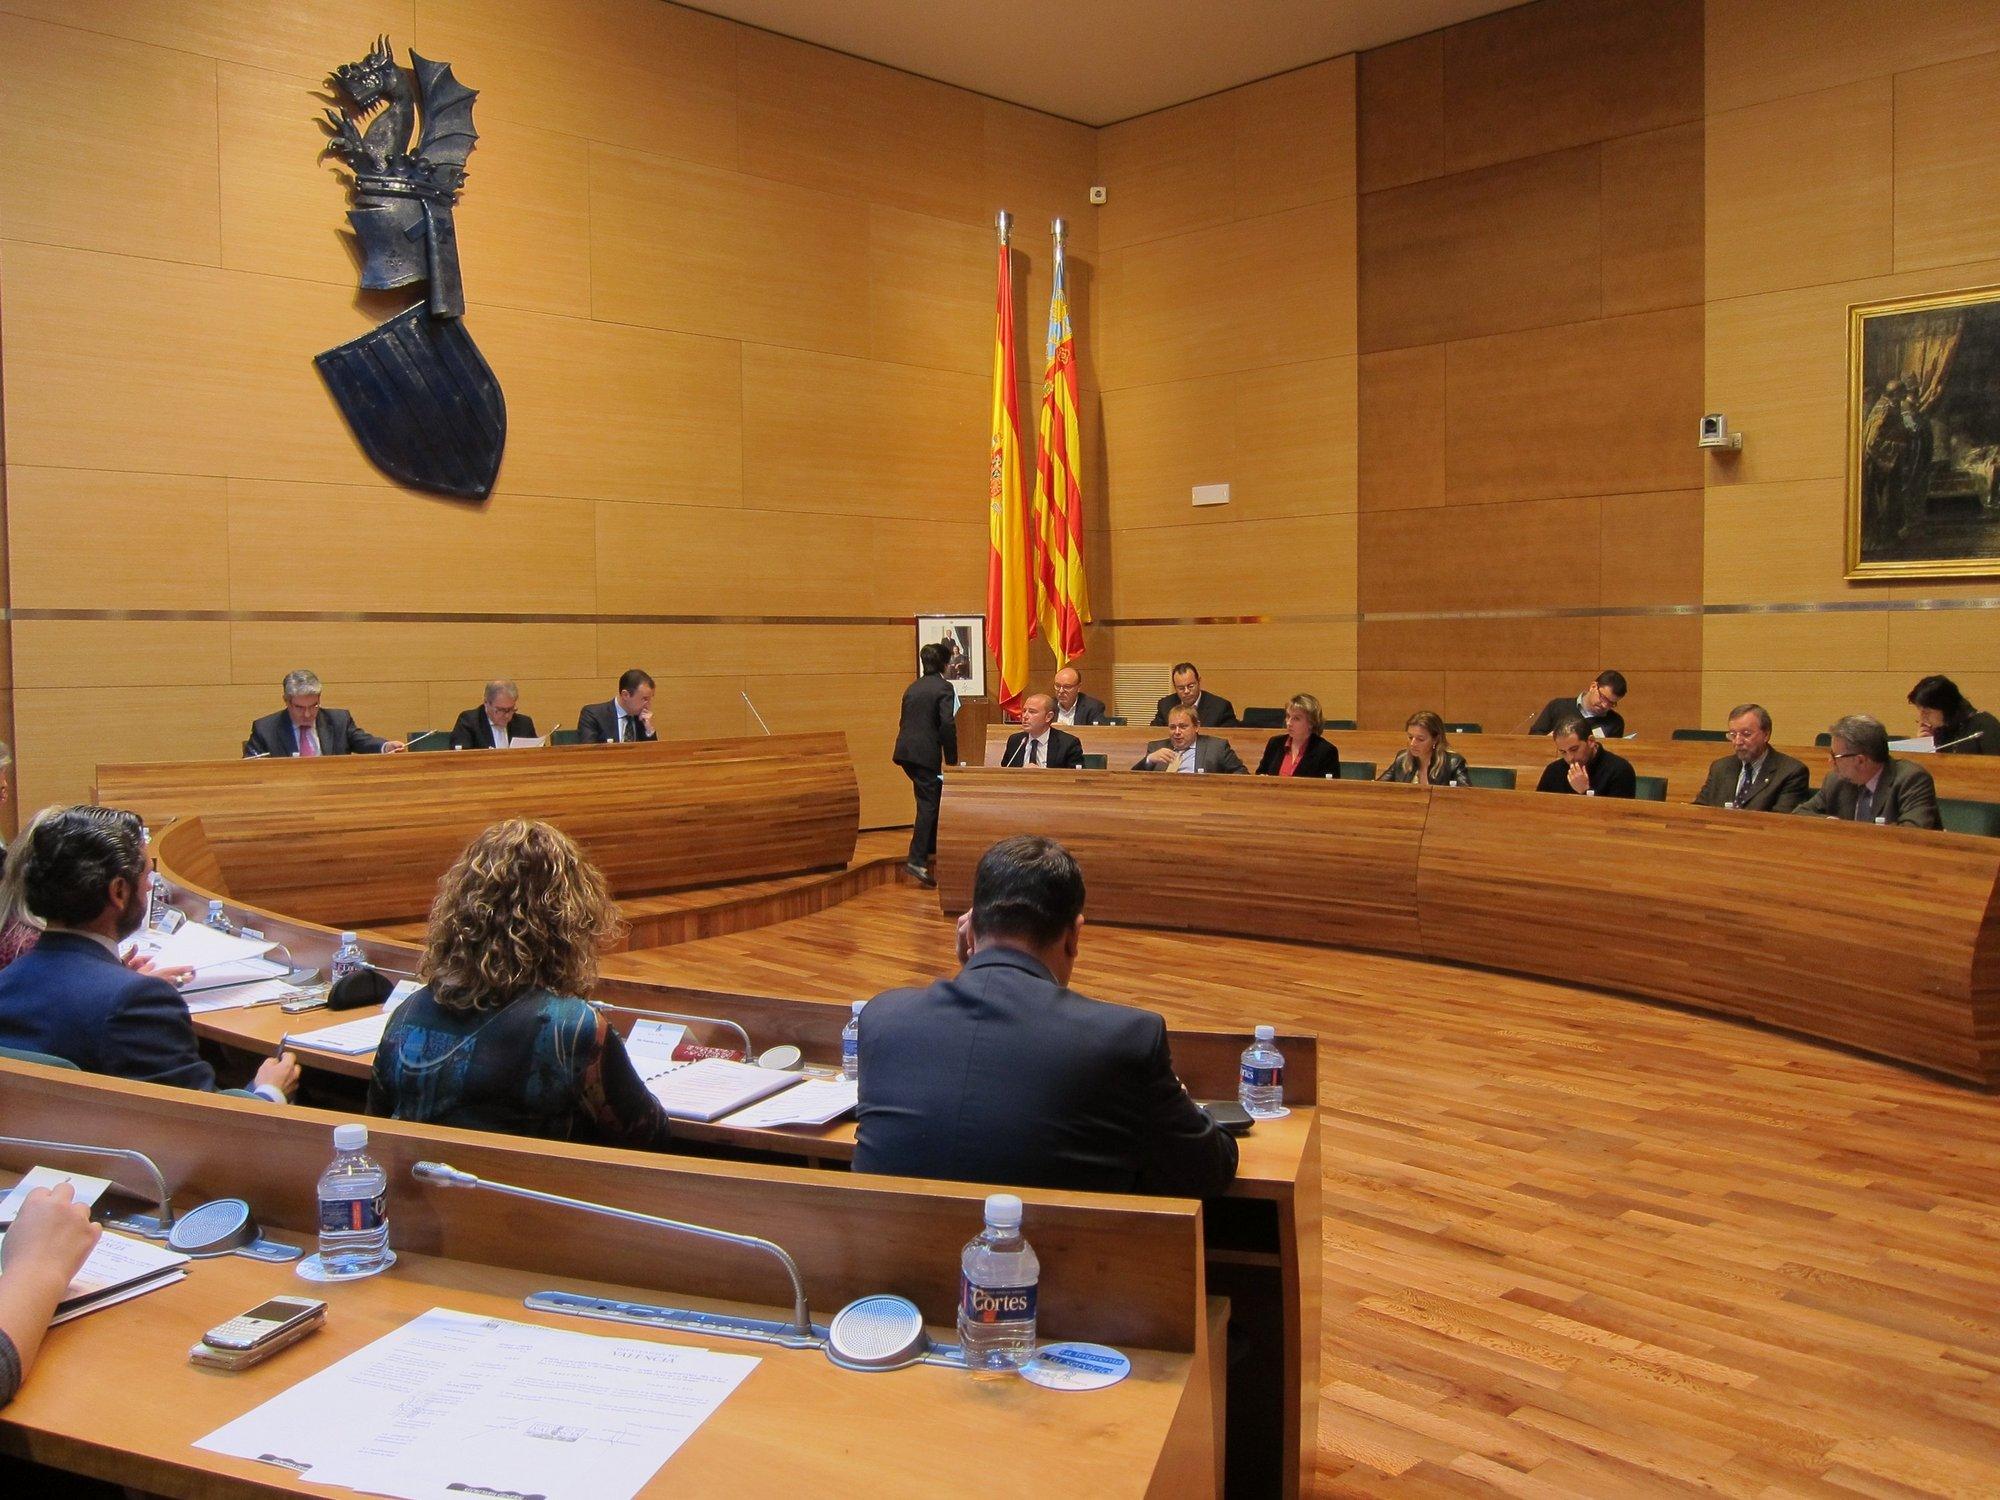 La Diputación de Valencia cree que hay que investigar lo sucedido en las protestas y defiende el Estado de Derecho